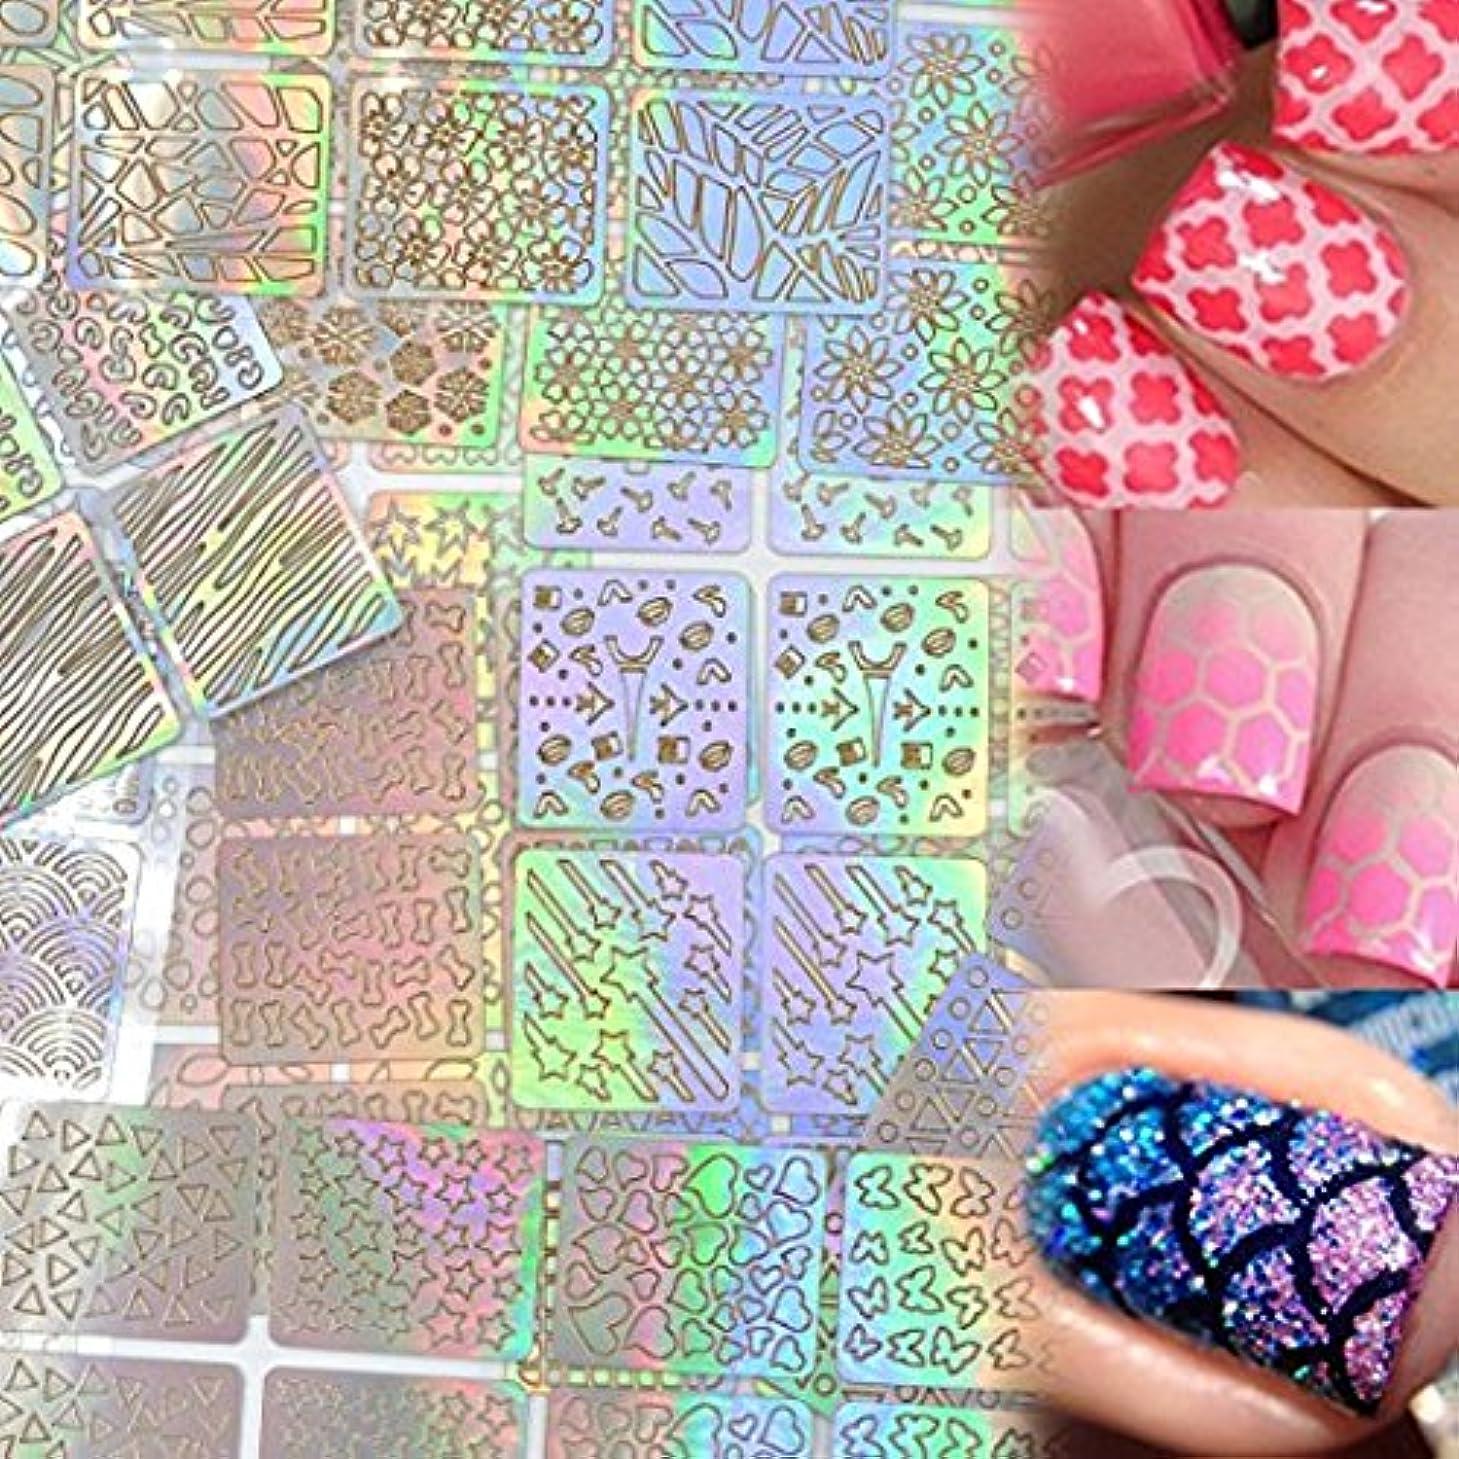 オッズ相対性理論探すLady Up ネイル用装飾 可愛いネイル飾り テープ ネイル パーツ ネイルーシール 今年流行ネイティブ柄ネイルステッカー 24枚セット